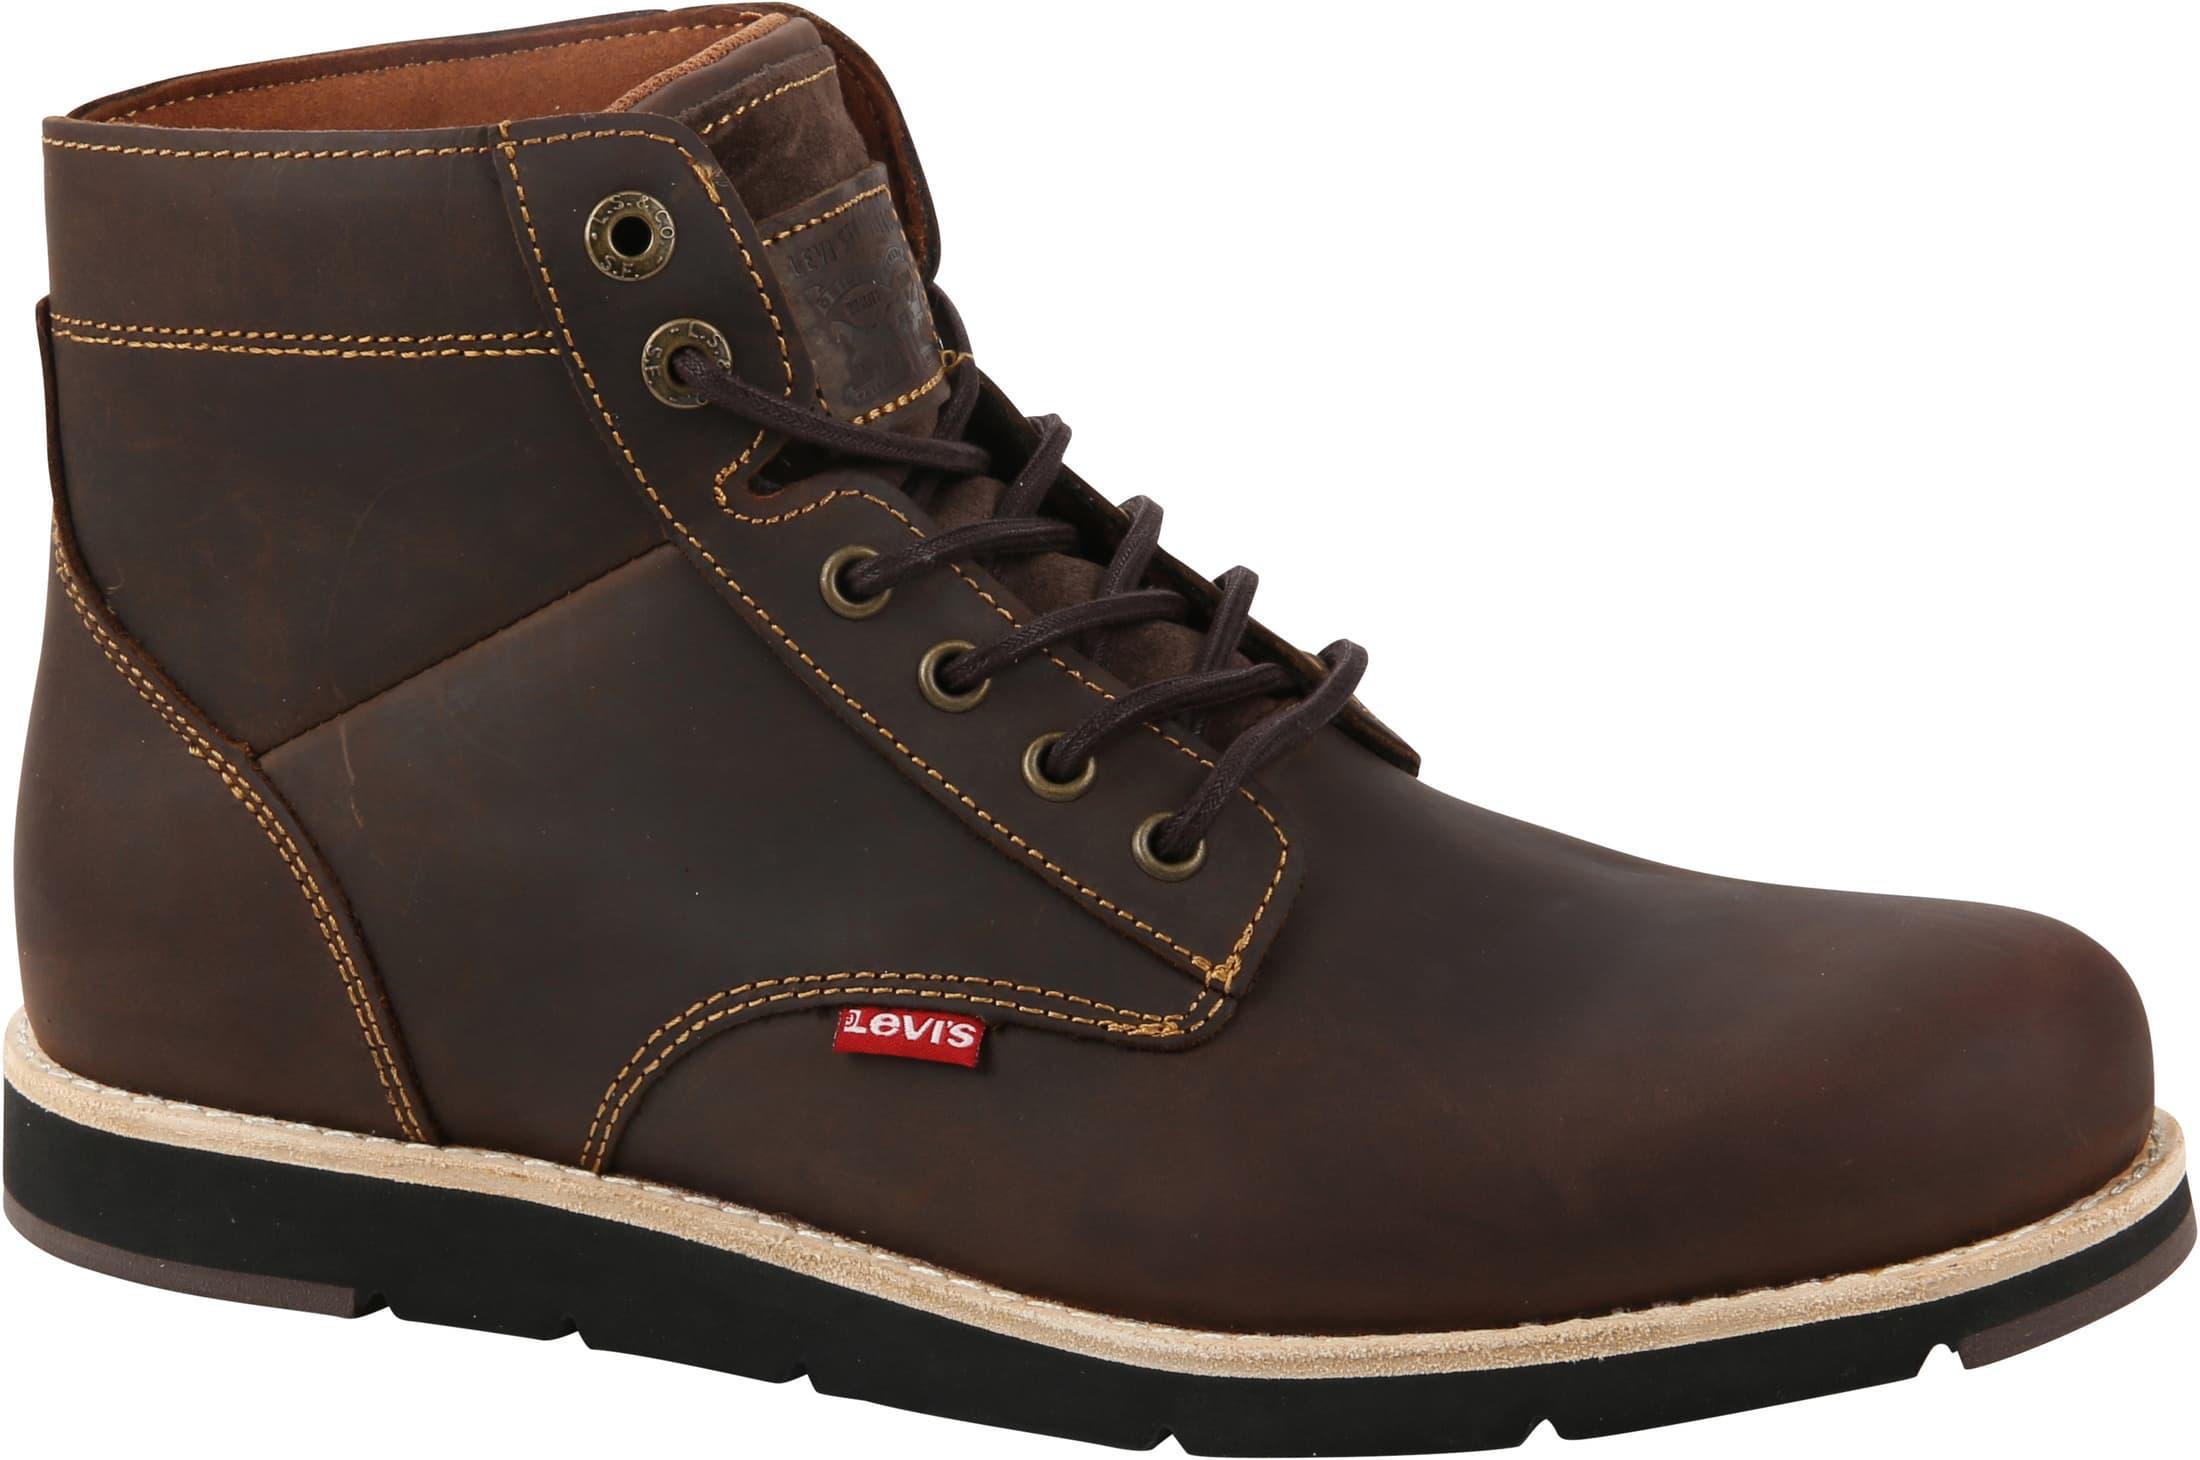 Levi's Jax Plus Boots Donkerbruin foto 0